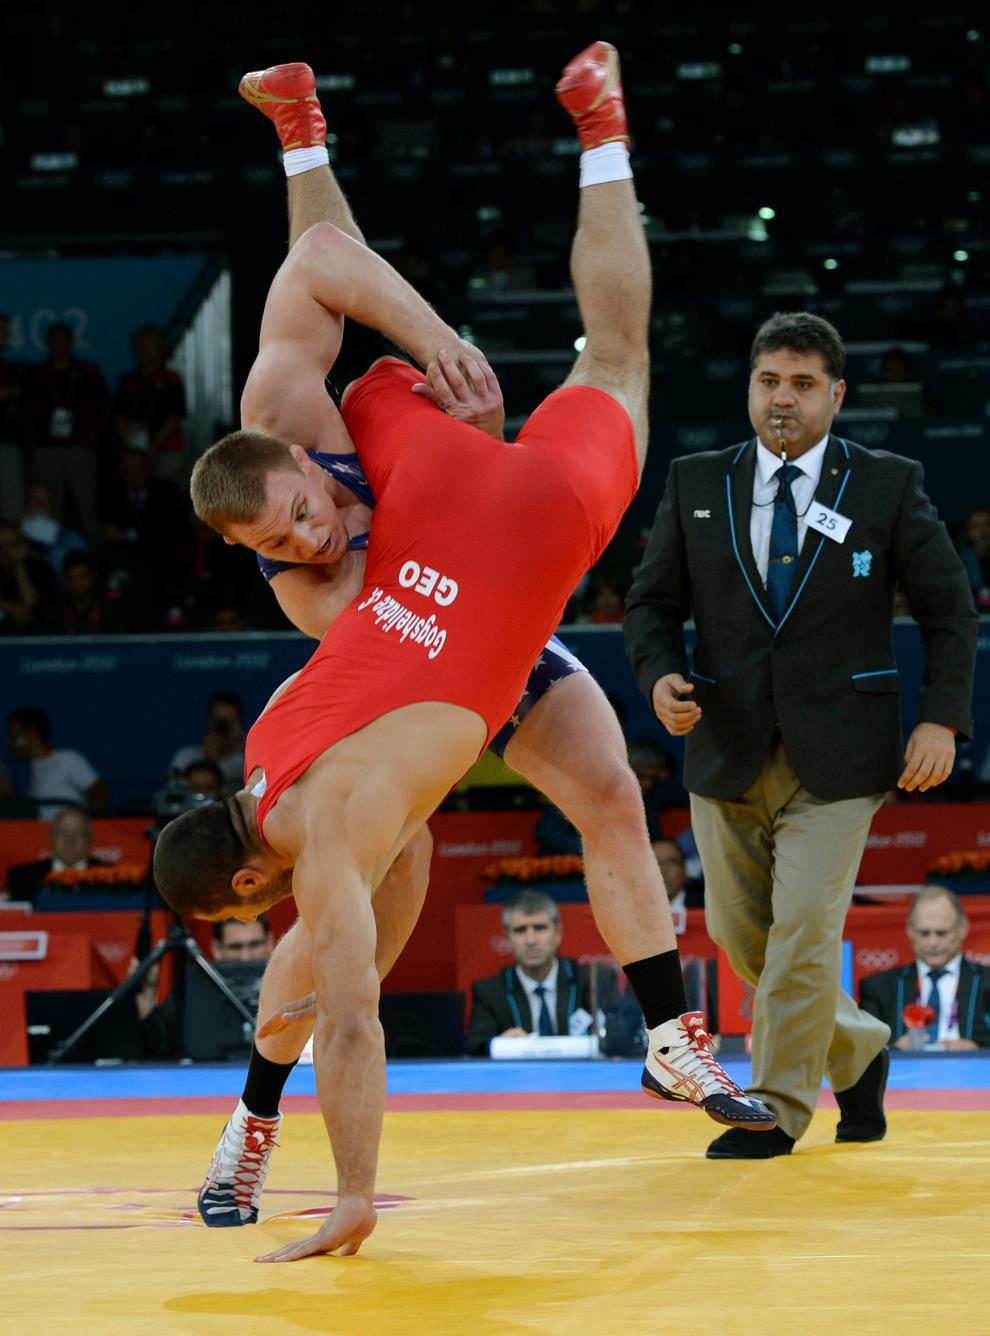 varner wrestles for a gold medal in london